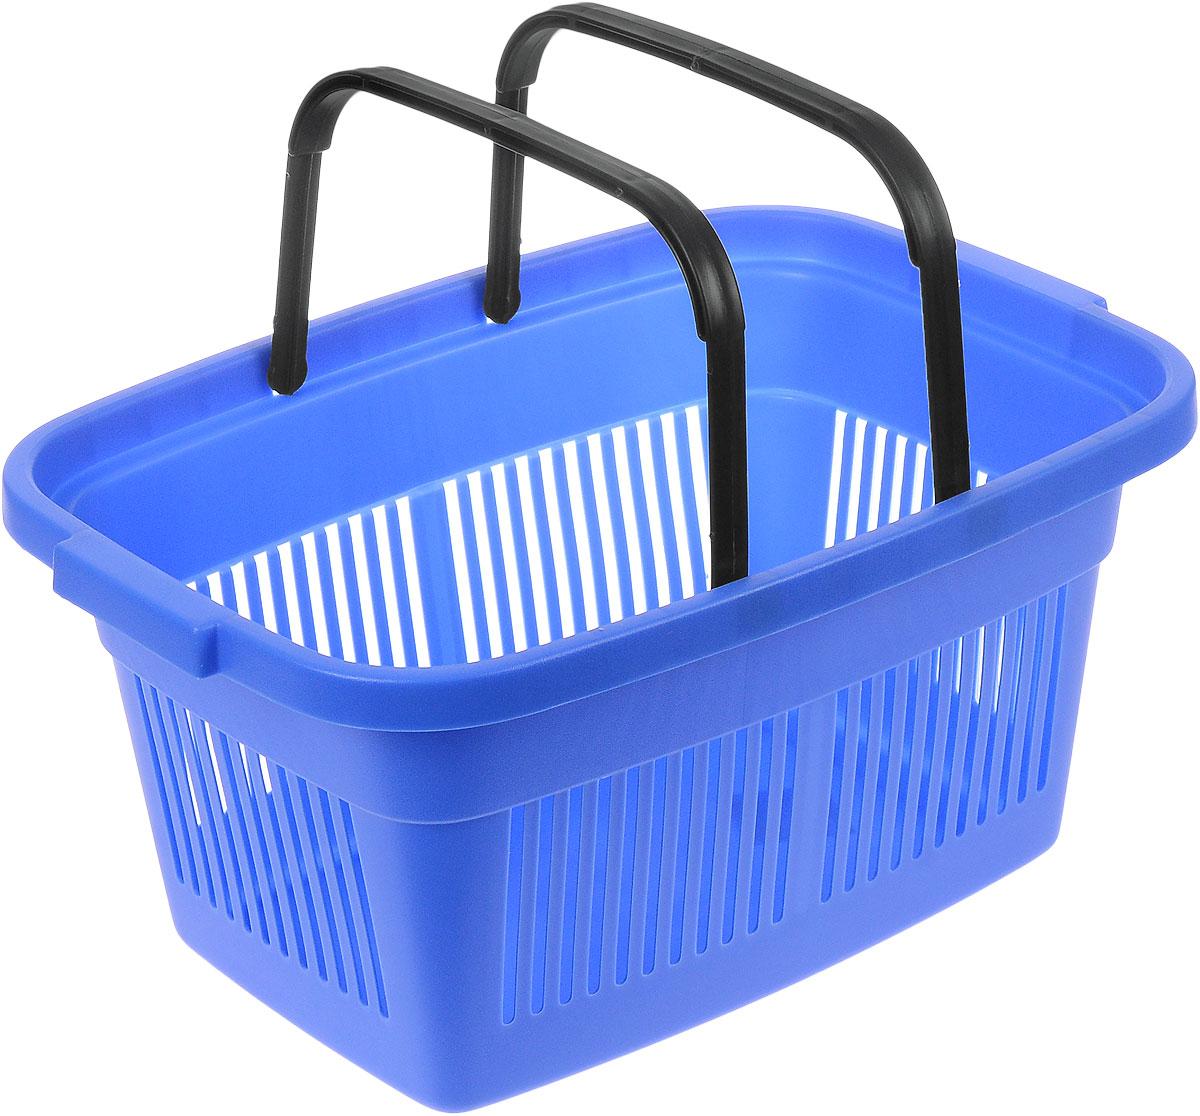 Корзинка для покупок Curver, с ручками, цвет: синий, черный, 47 см х 33 см х 22,5 см2686_синийПрактичная и вместительная корзинка для покупок Curver, изготовленная из высококачественного цветного пластика, успешно заменит любые одноразовые авоськи или пакеты. Изделие оснащено двумя удобными складными ручками. Благодаря жесткой форме, прекрасно подходит для переноски тяжелых продуктов.